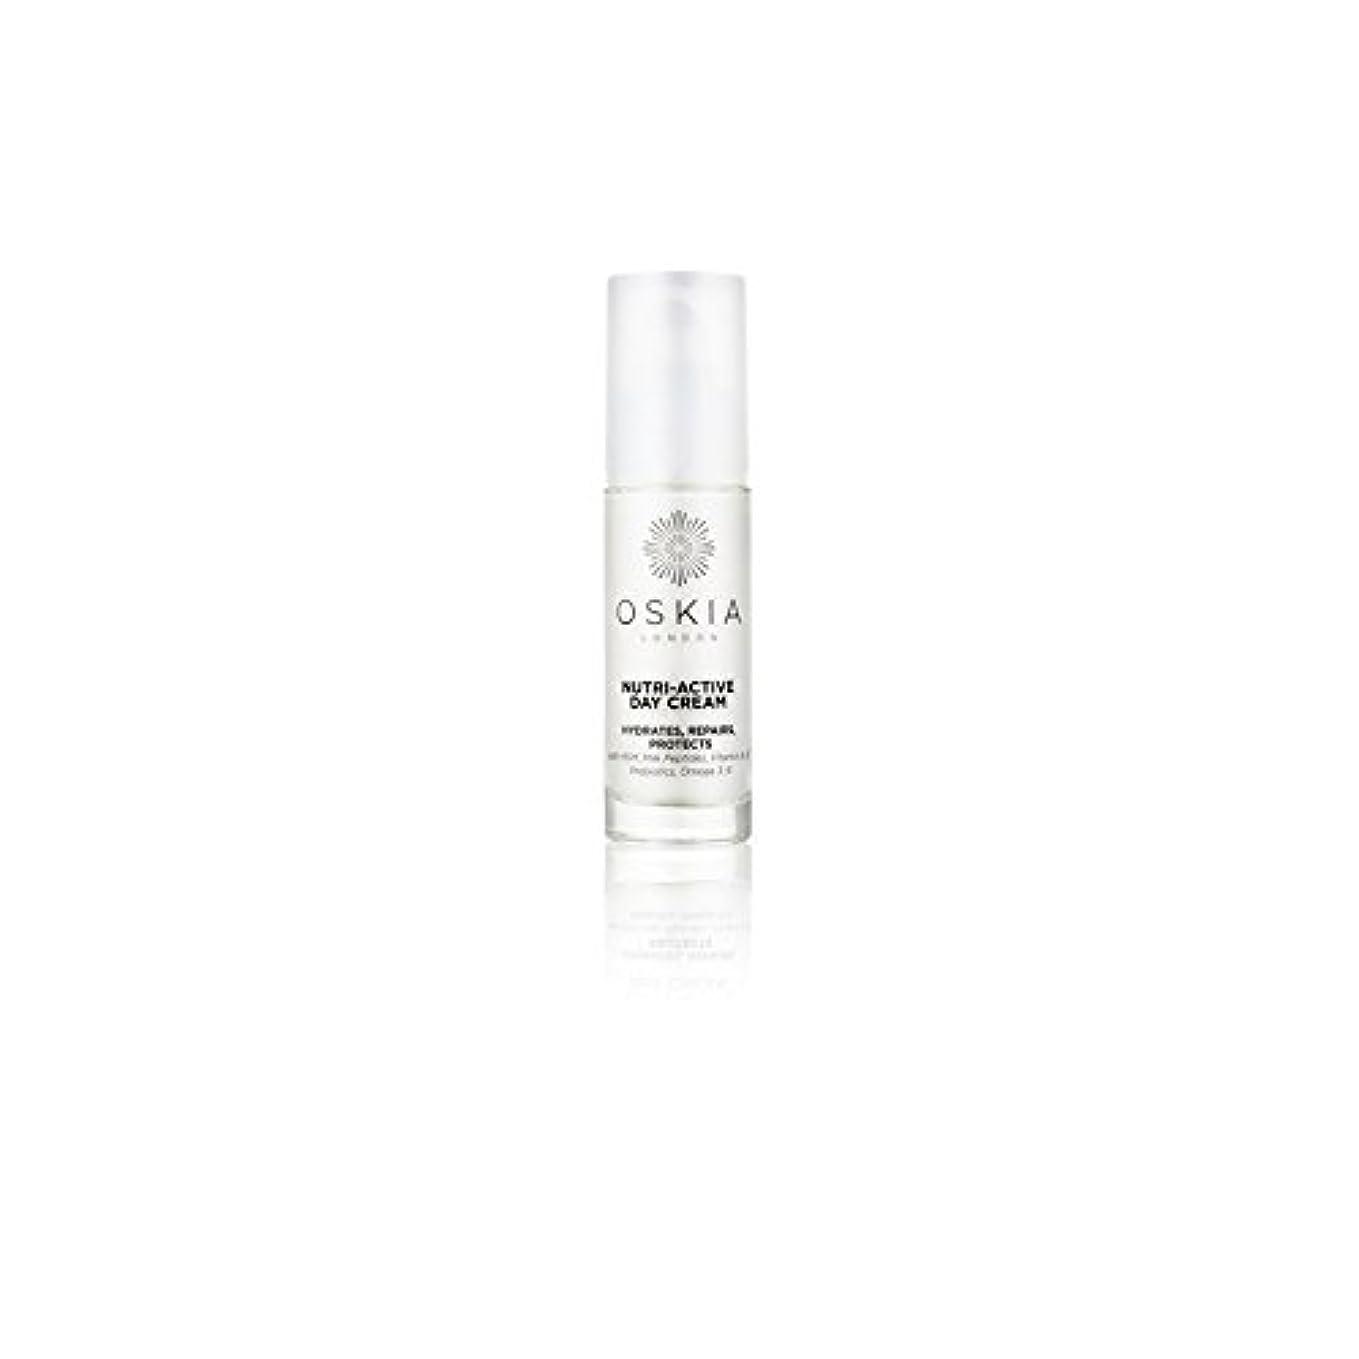 パラメータ先住民平野のニュートリアクティブデイクリーム(40ミリリットル) x4 - Oskia Nutri-Active Day Cream (40ml) (Pack of 4) [並行輸入品]